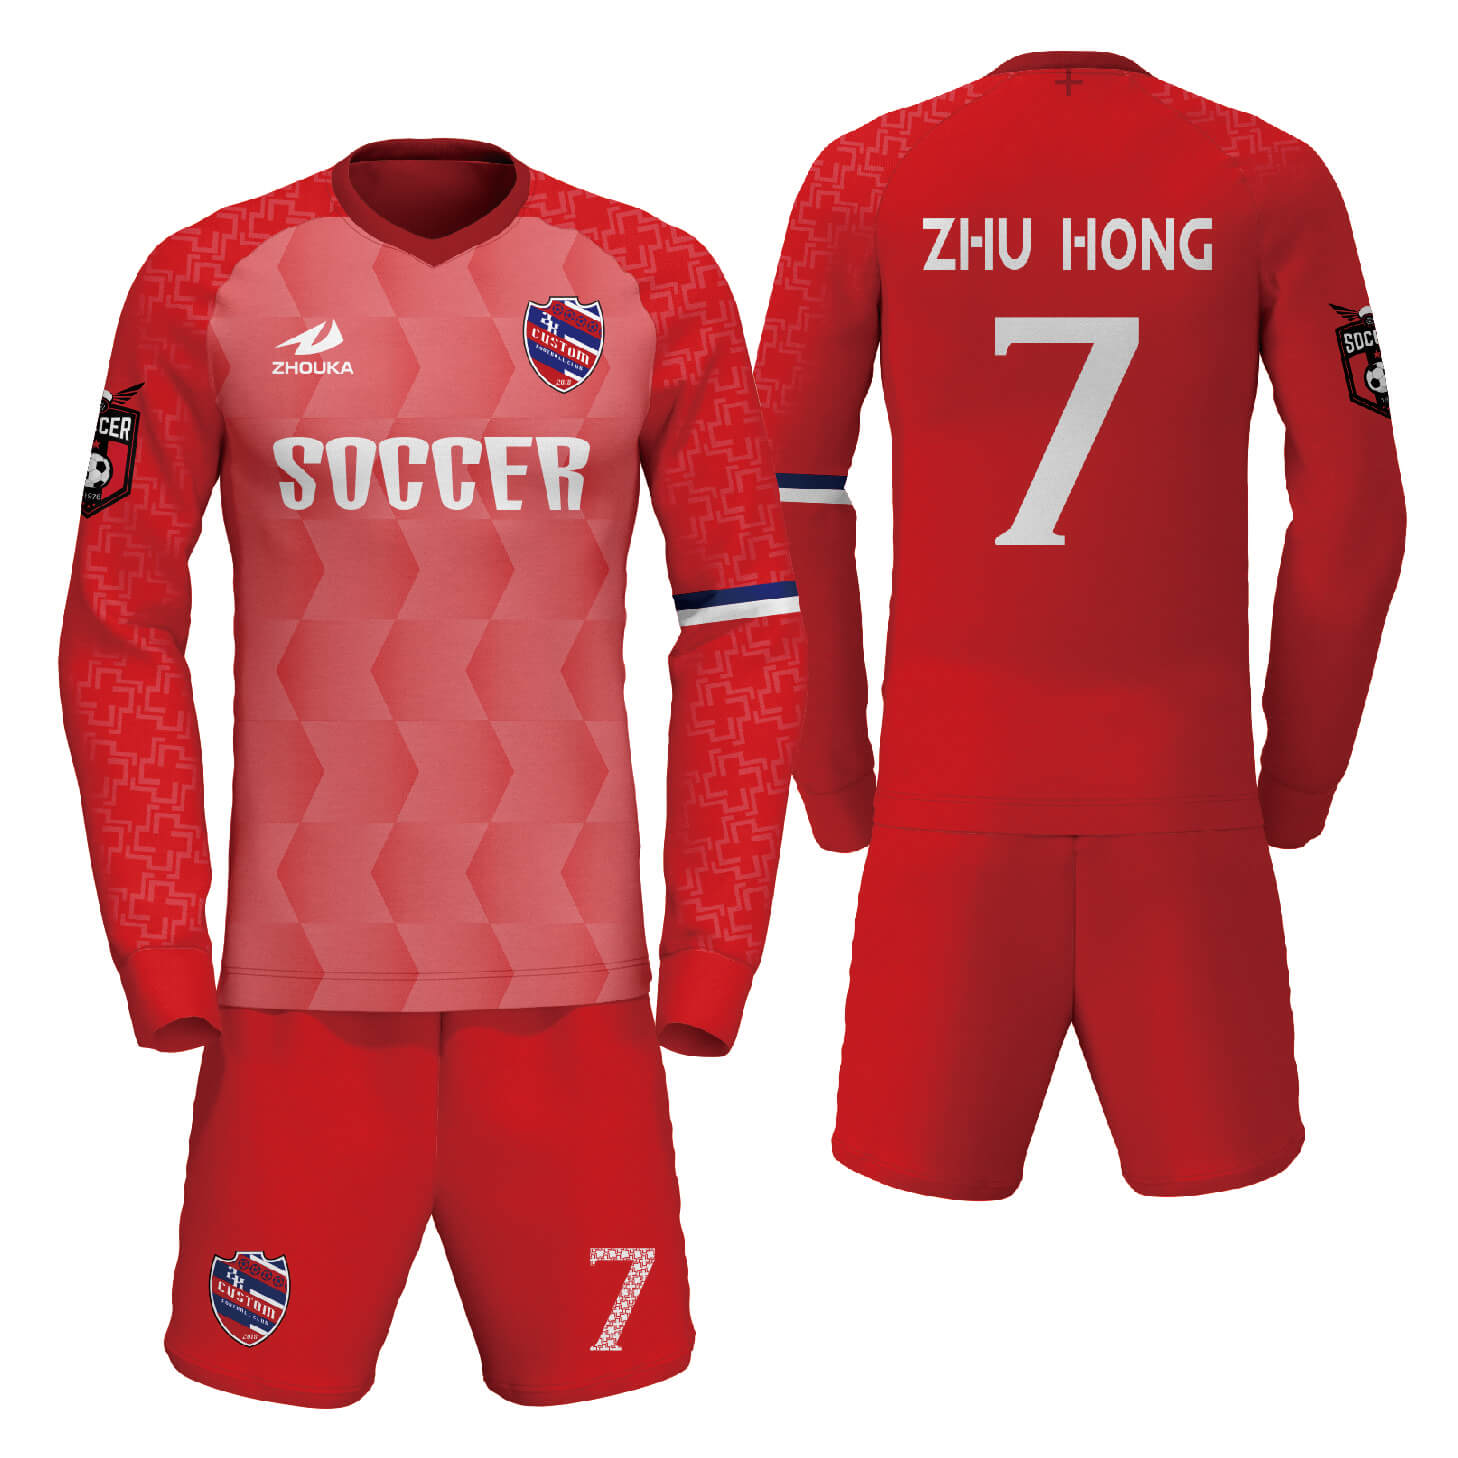 定制印刷徽标和名称长袖足球衫制造商足球球衣设计